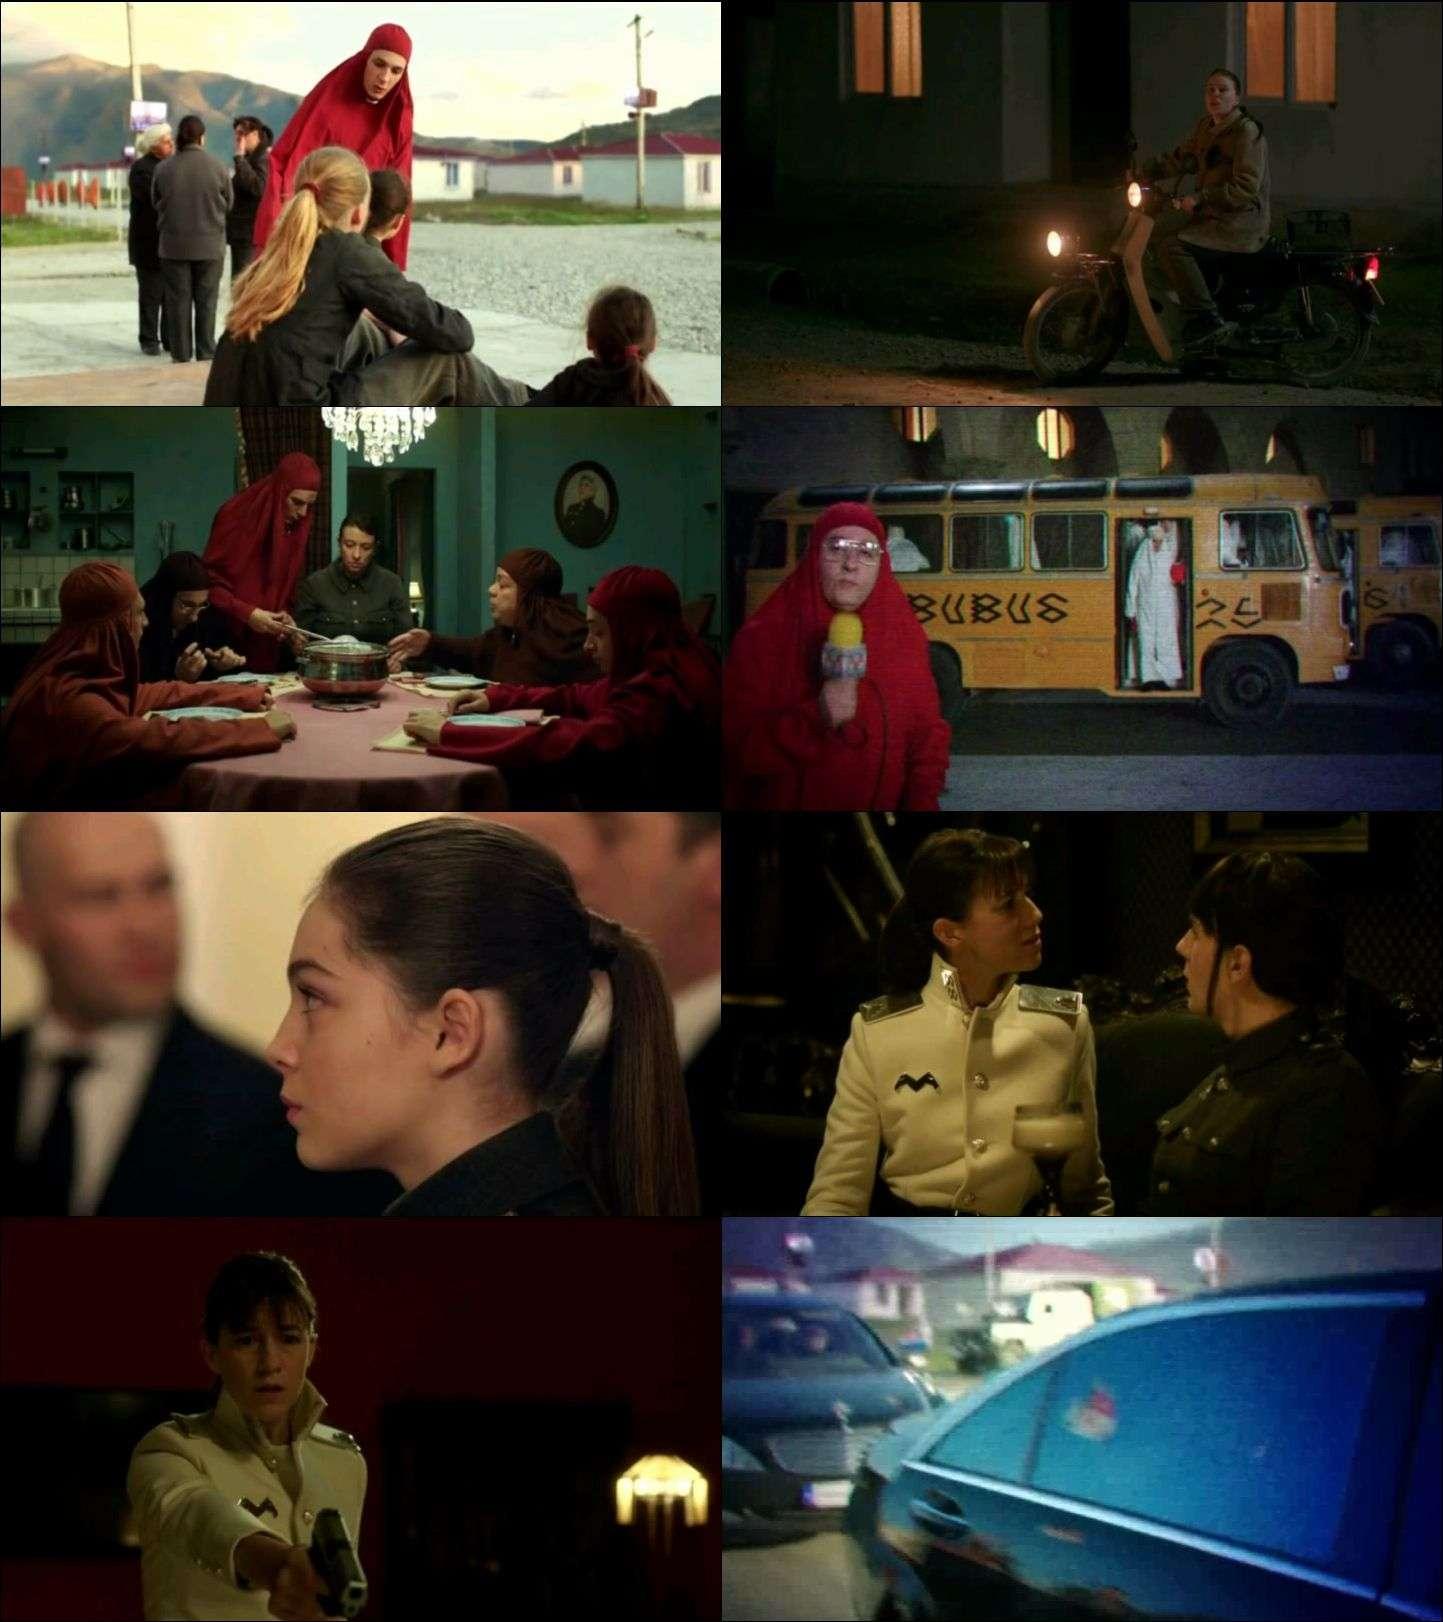 Jacky Au Royaume Des Filles - Kadınlar Krallığı (2014) türkçe dublaj film indir